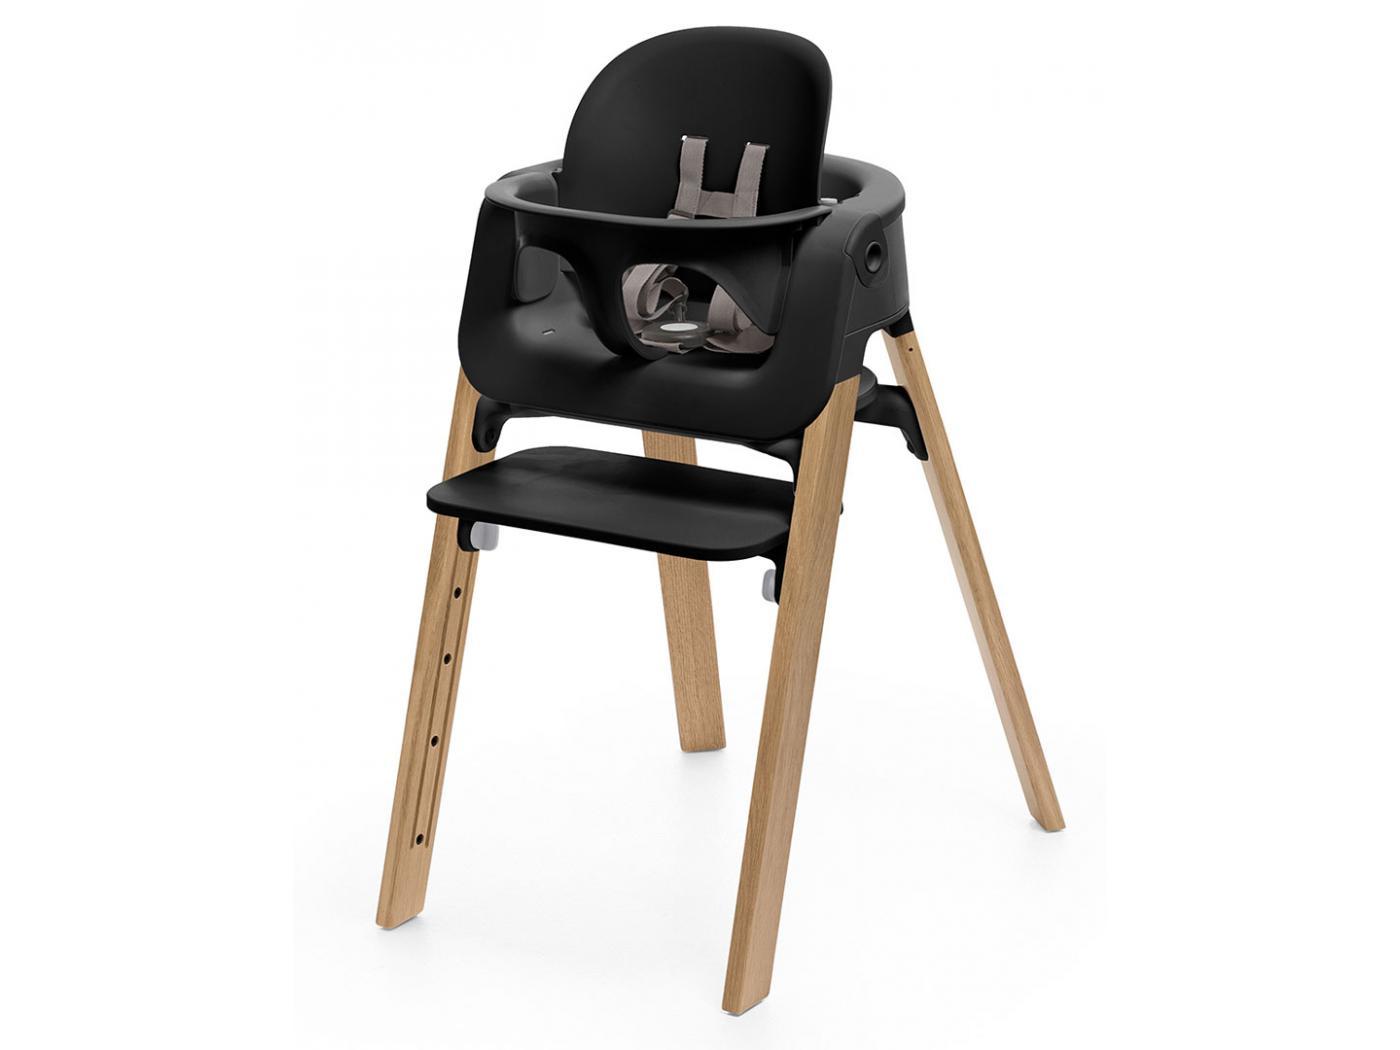 stokke baby set noir pour chaise haute steps. Black Bedroom Furniture Sets. Home Design Ideas